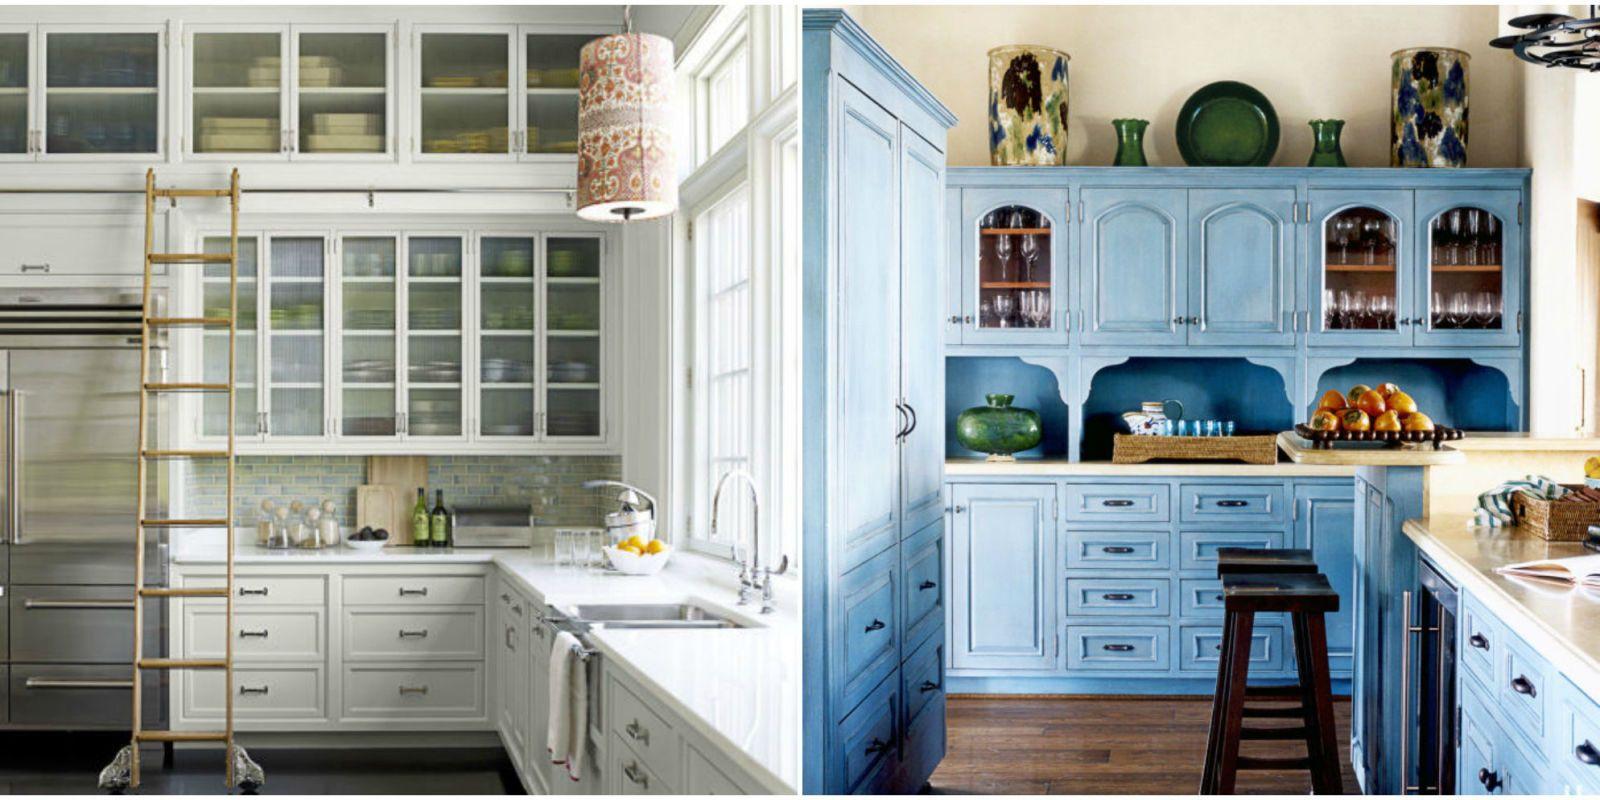 40 unique kitchen cabinet ideas